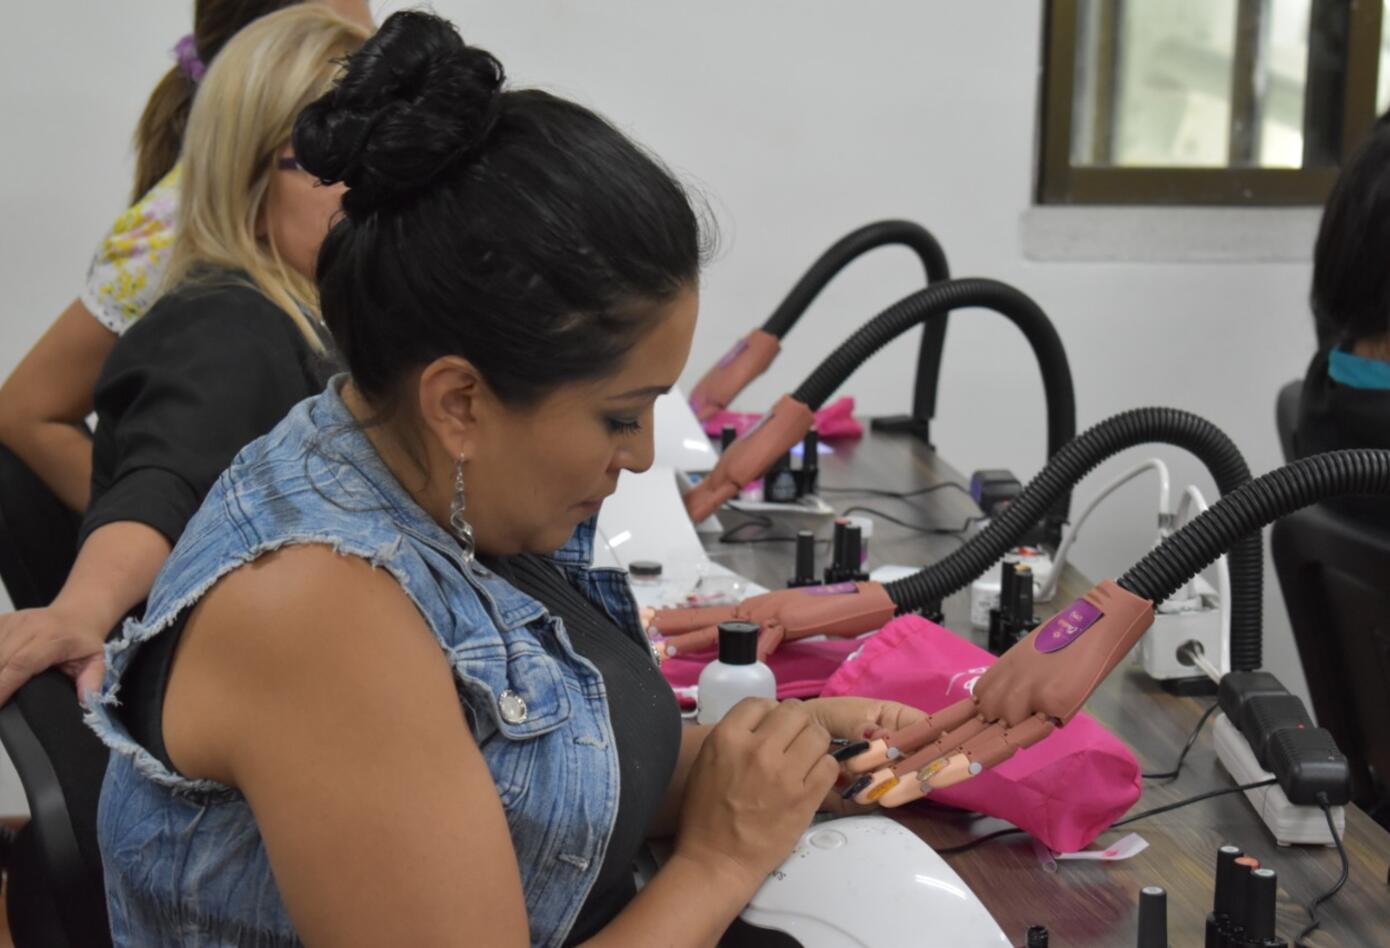 La Ruta de Charlotte - Manicure - Pedicure